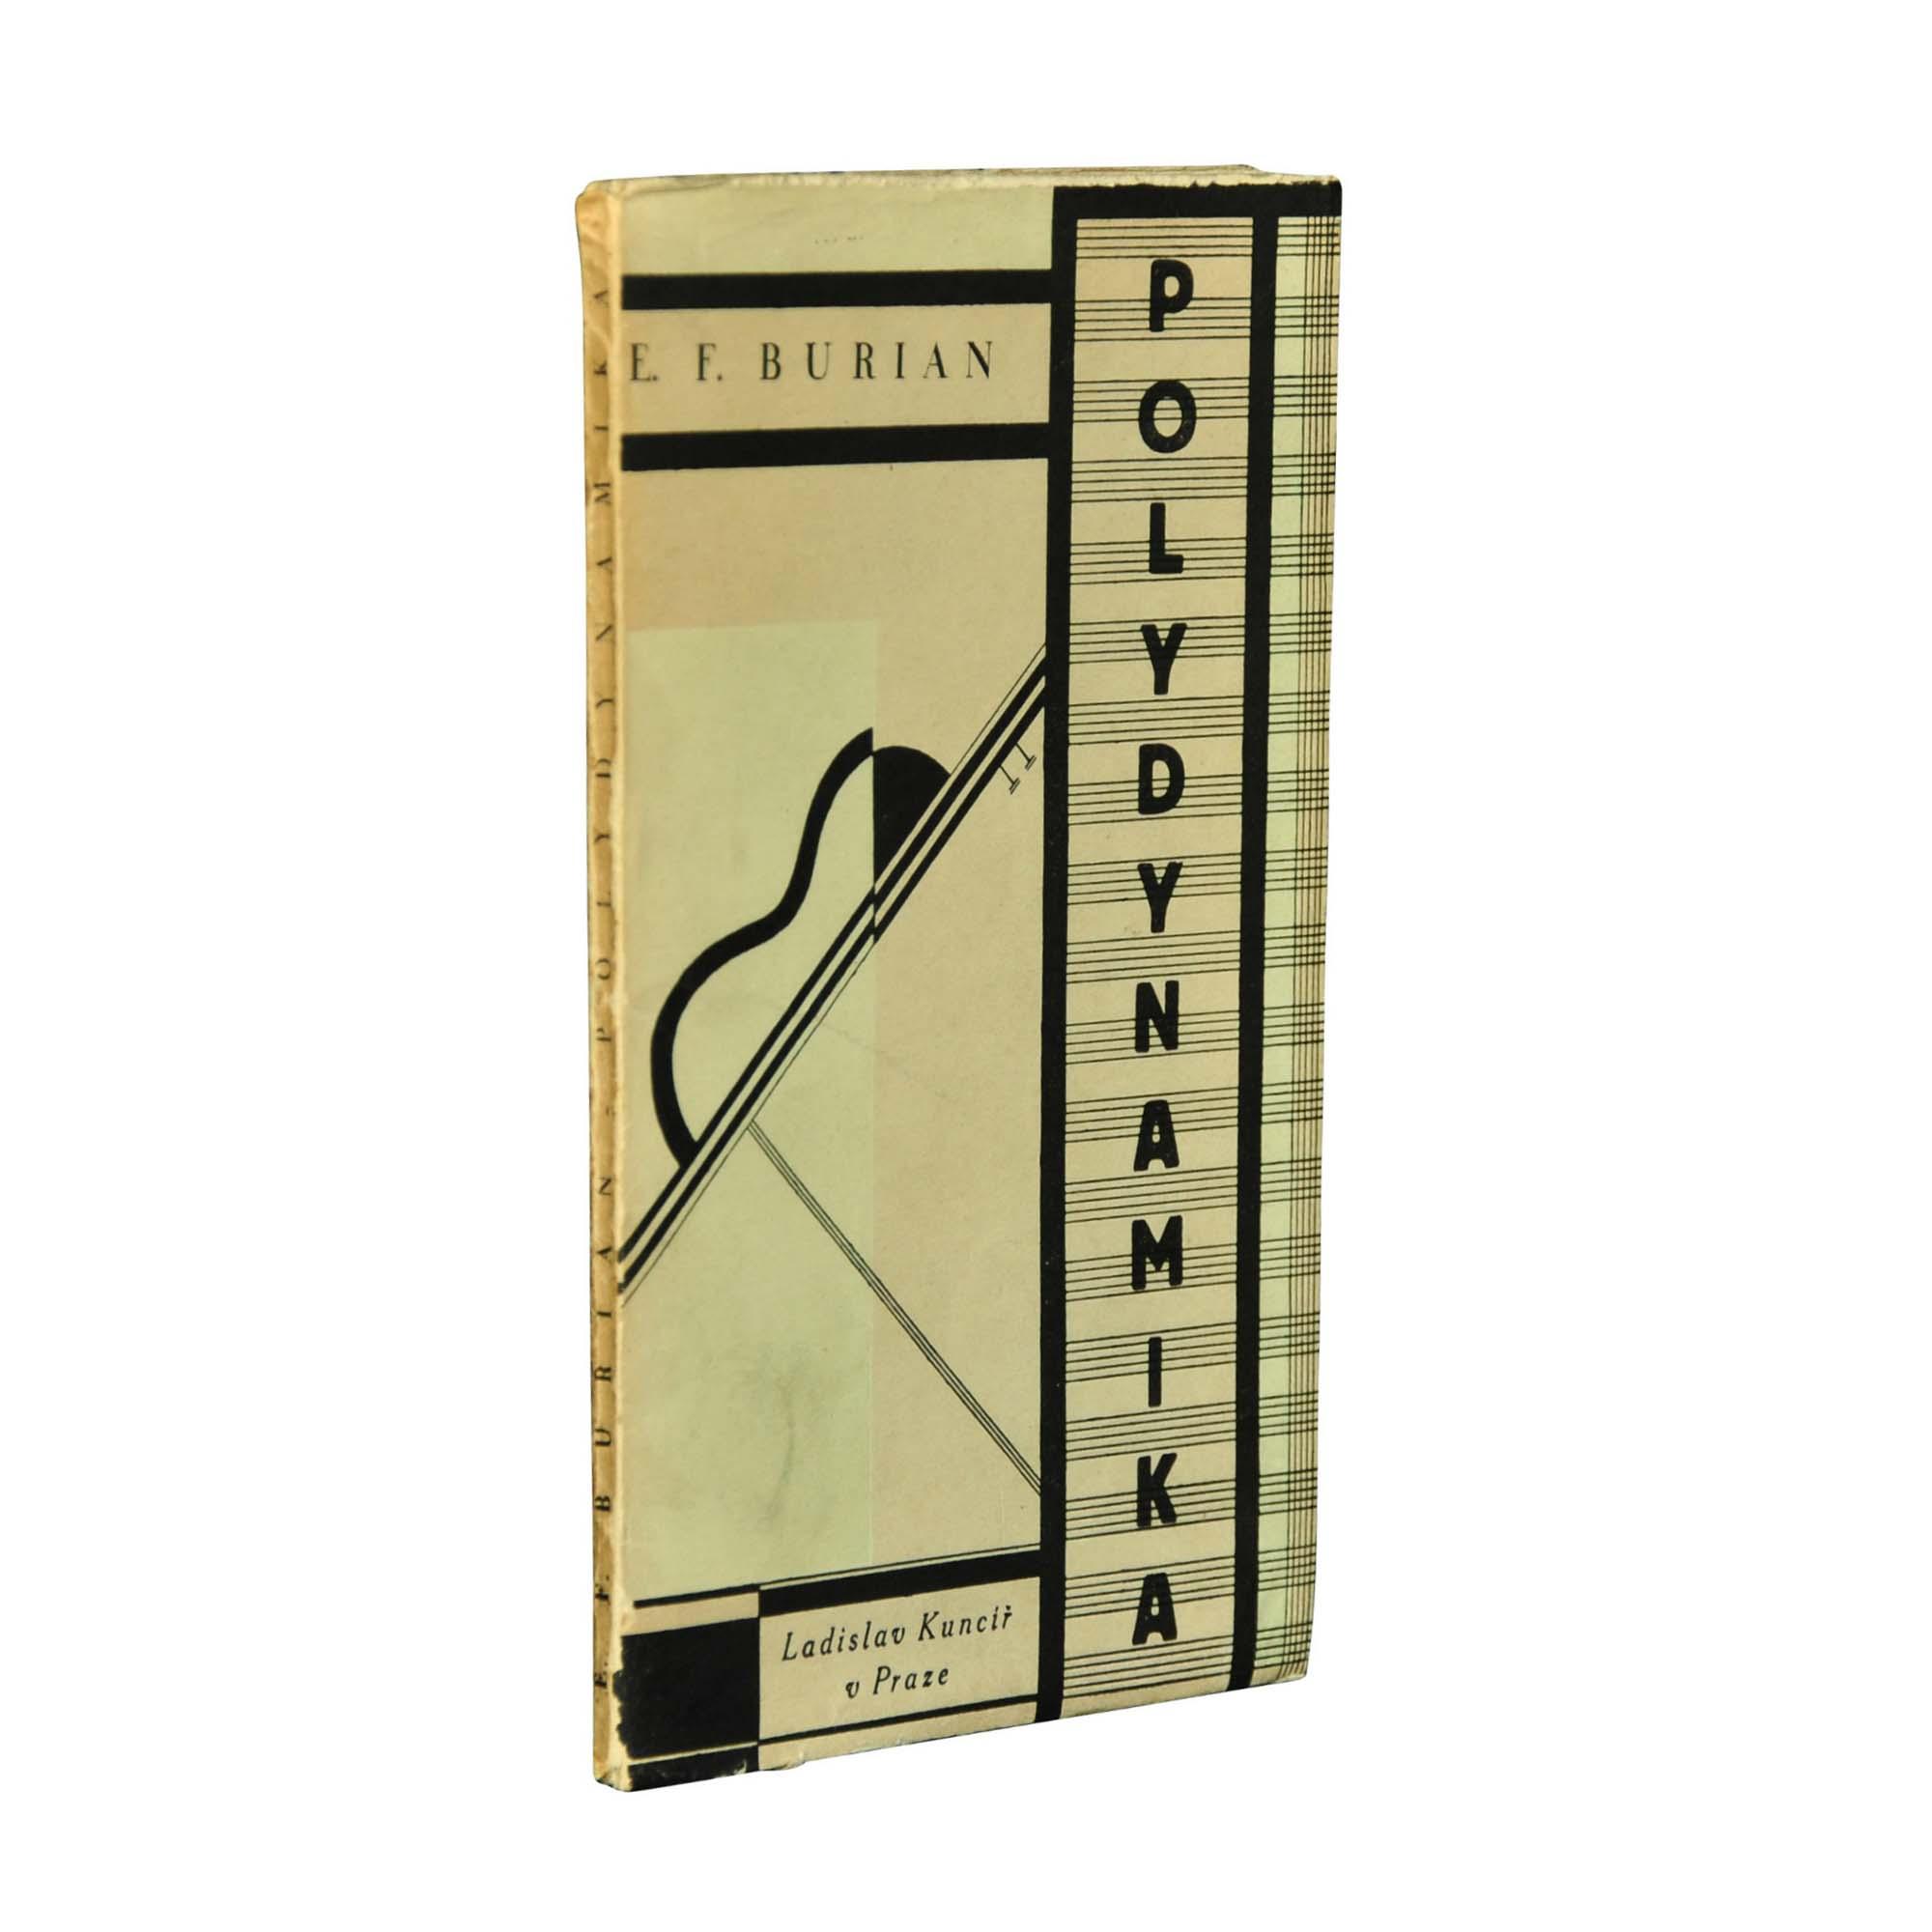 1232-Burian-Obrtel-Polydynamika-1928-1-N.jpg